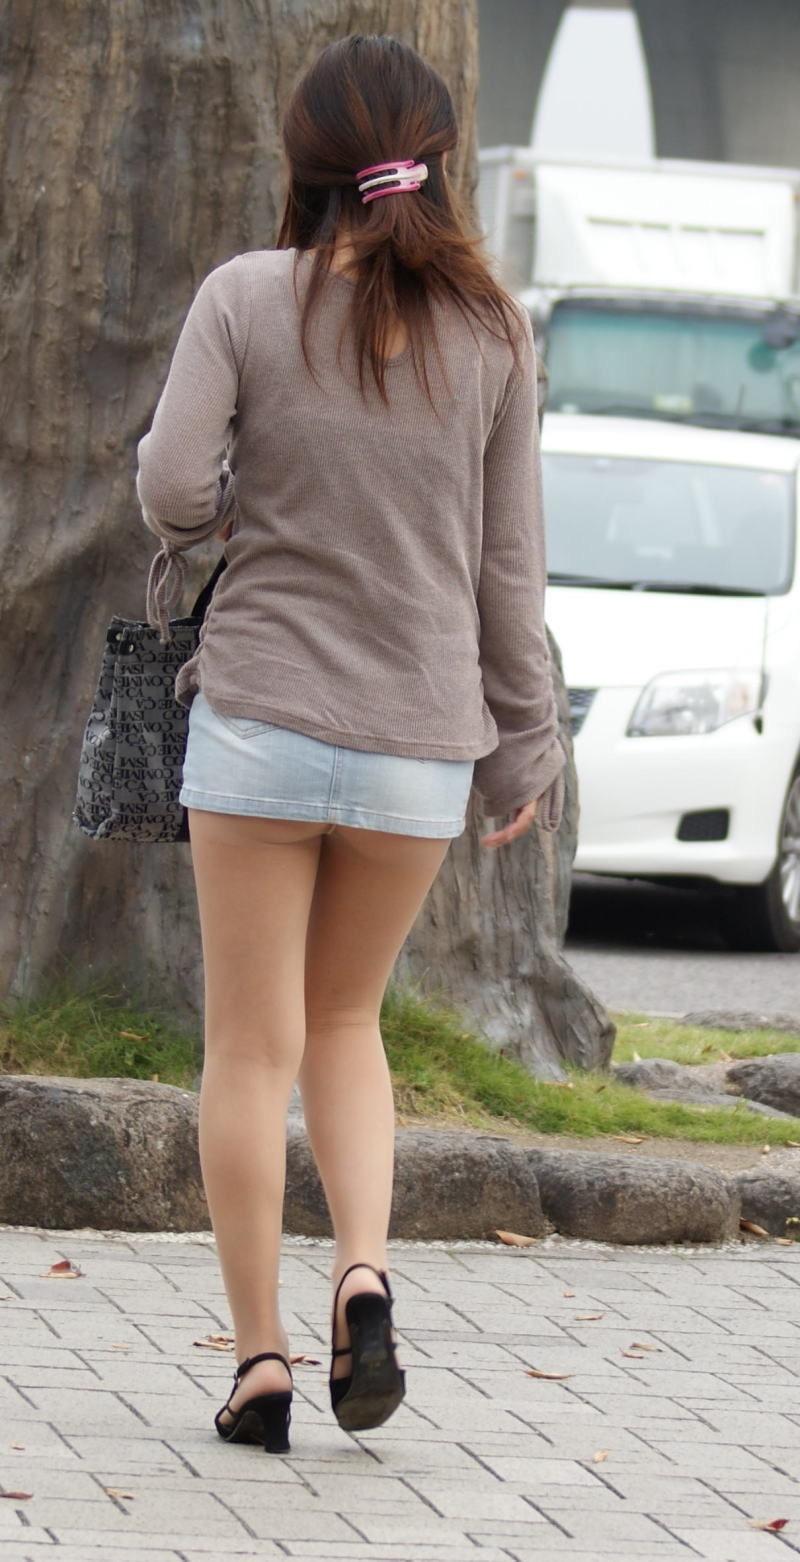 【ミニスカエロ画像】春になってパンチラも気にせずミニスカートに穿き替える素人娘たち 79